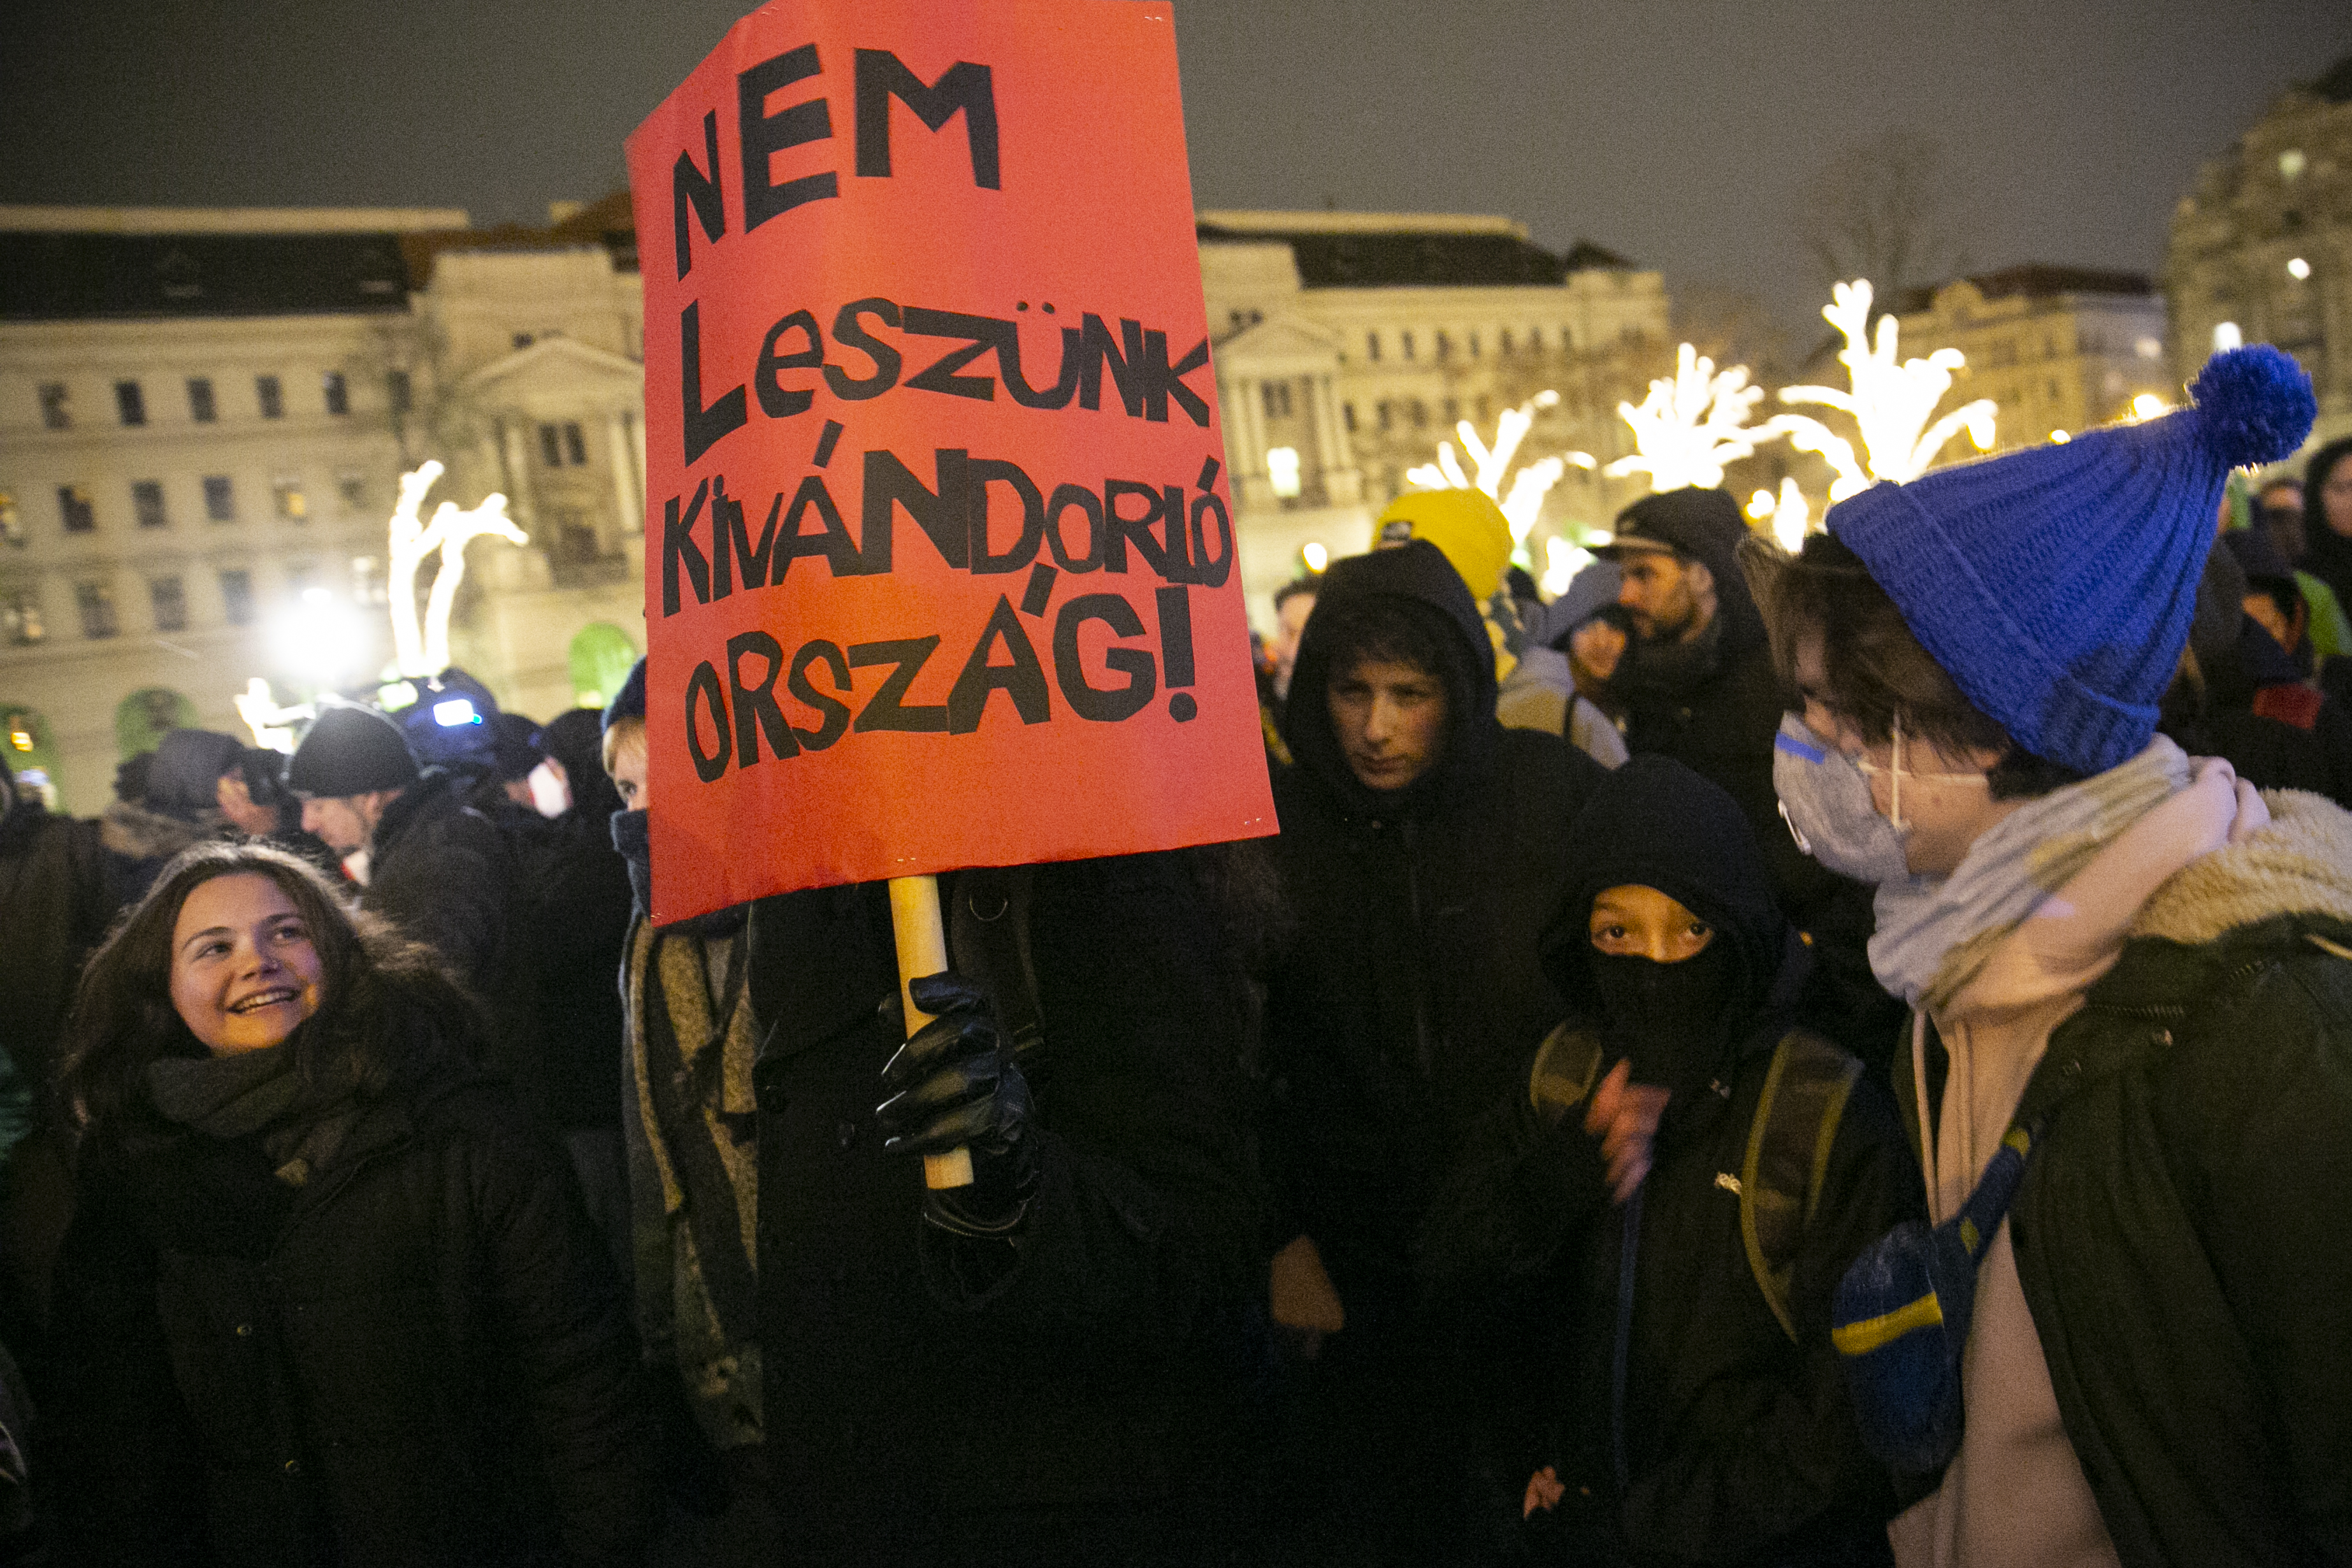 Magyar Szakszervezeti Szövetség: Kevés a 8 százalékos minimálbér-emelés, legalább 10 százalékos emelés kellene